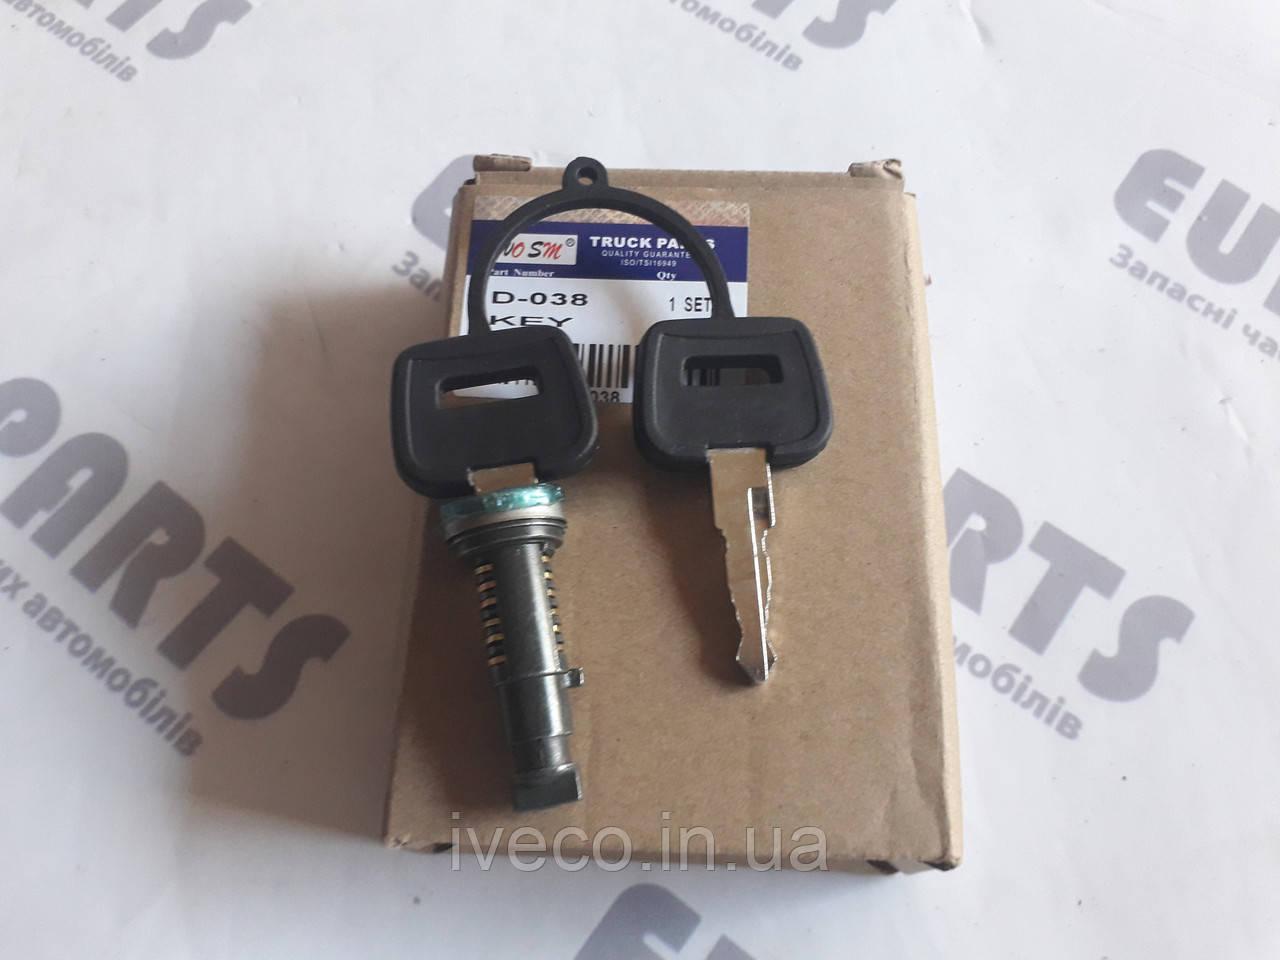 Цилиндр замка с ключами , серцевина с ключами DAF F 65/75/85/95, 65/75/85 CF, 95 XF, CF 65 1676761 1336529 ДАФ